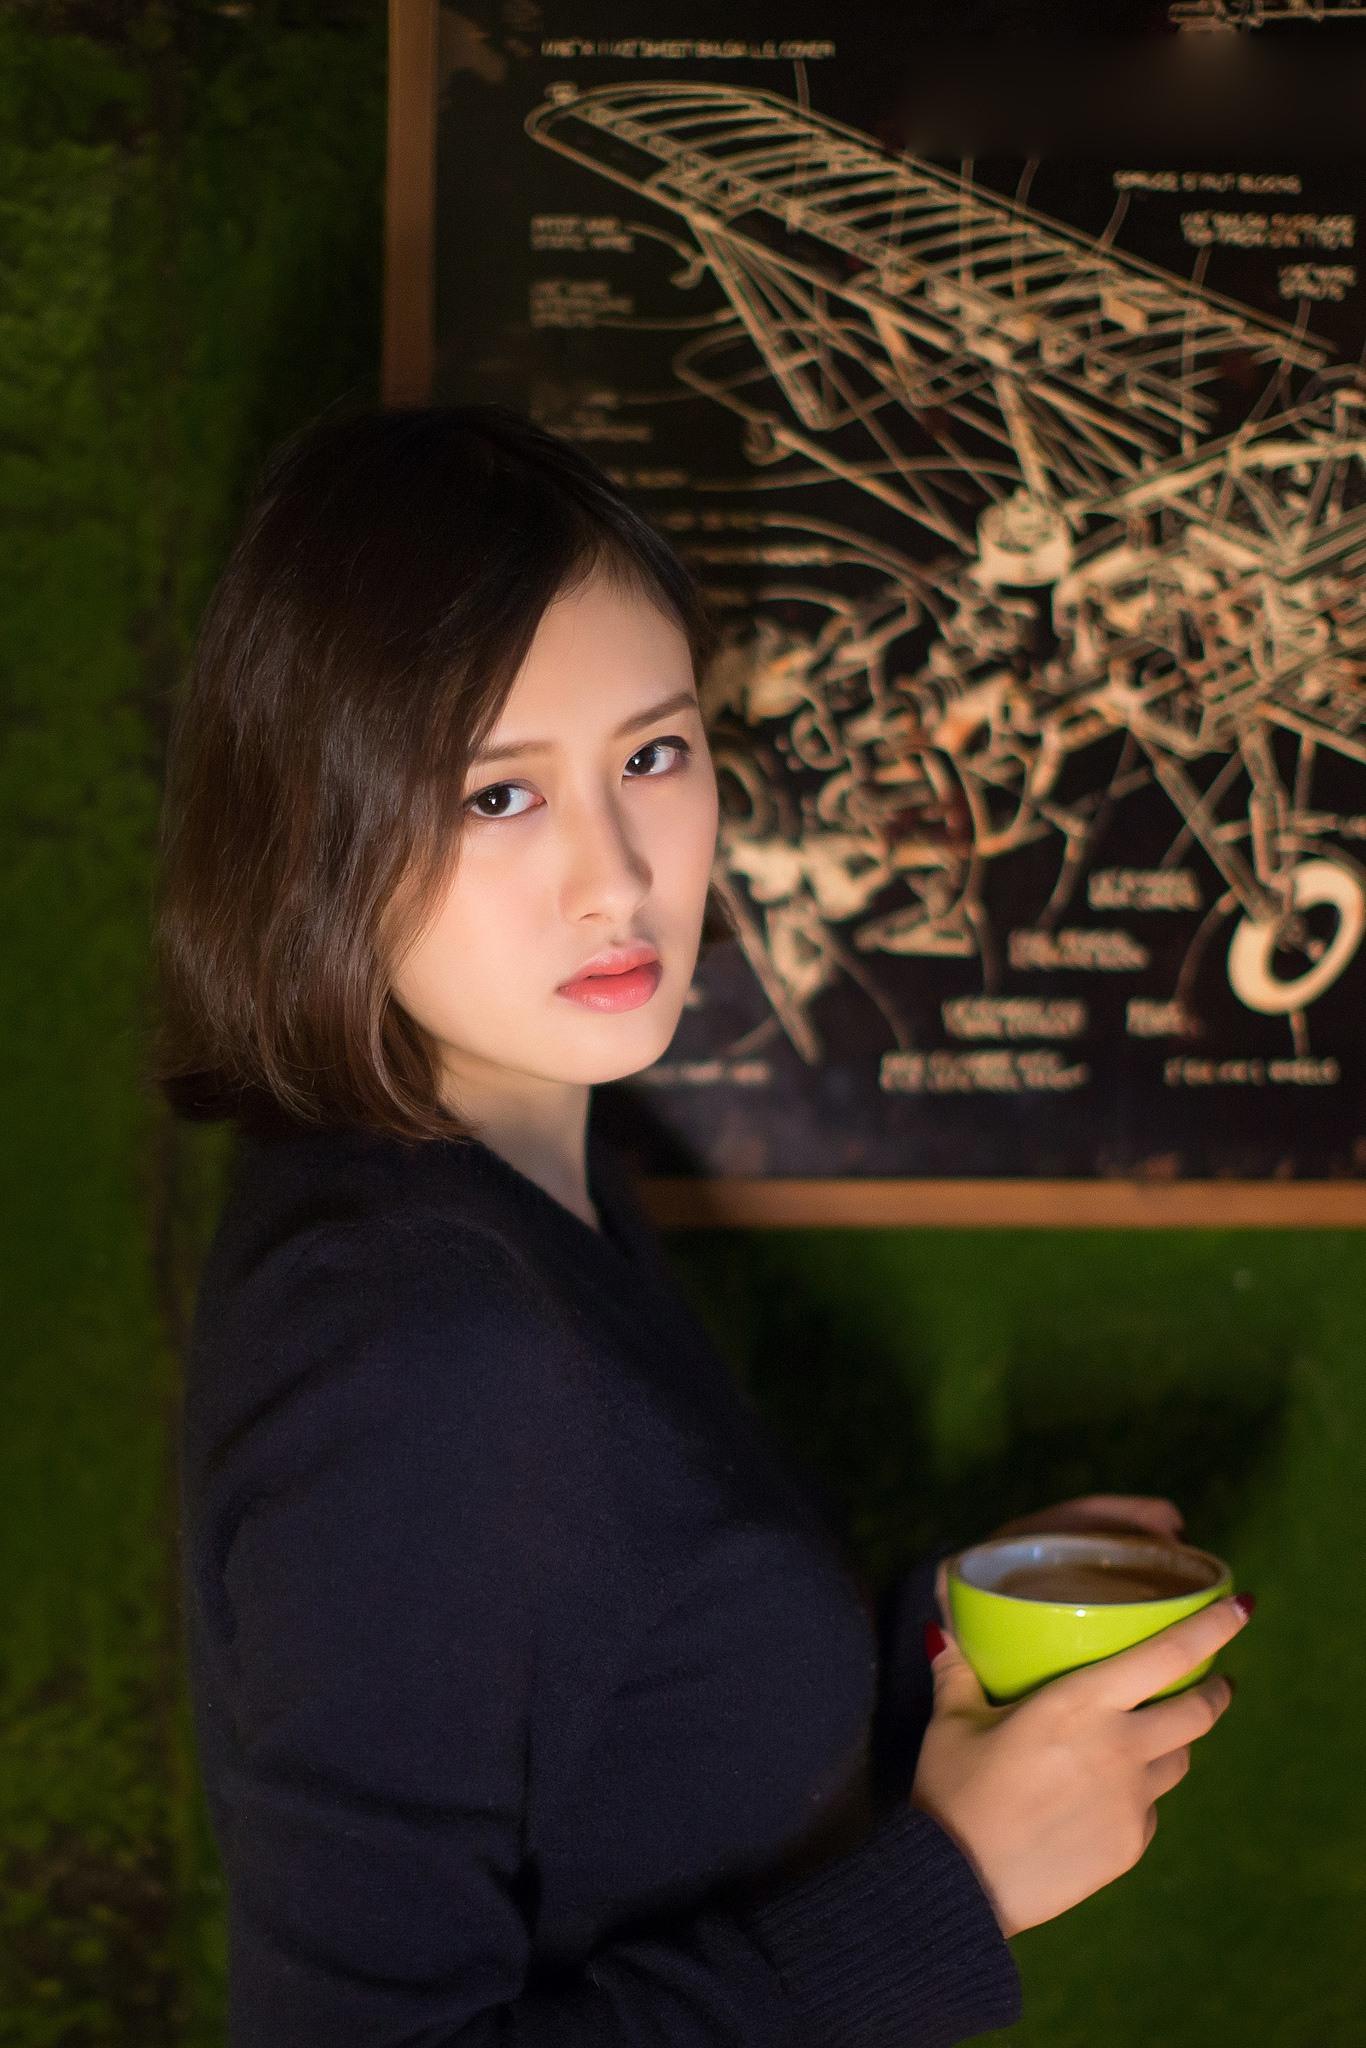 咖啡屋里的美人 - 花開有聲 - 花開有聲